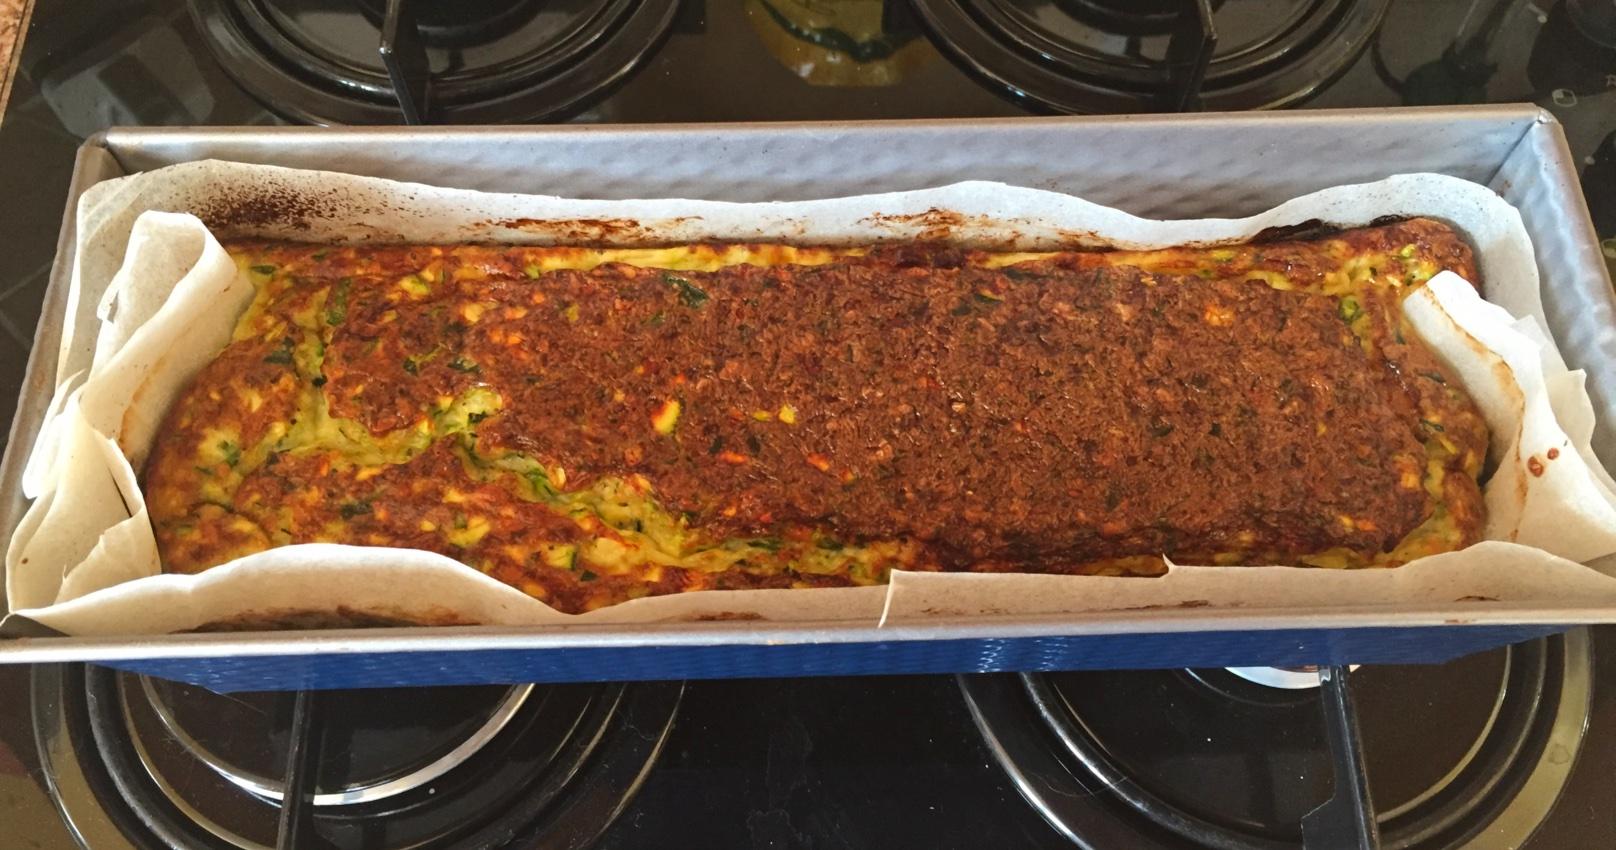 terrine courgettes chevre companion prepa 5 - Terrine de courgettes au chèvre (recette au Companion)